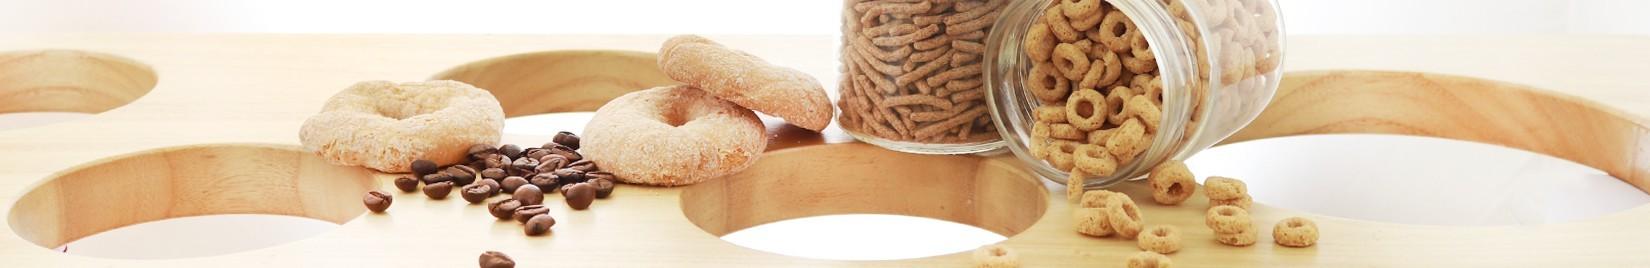 La selezione di prodotti per colazione e merenda del Negozio Leggero